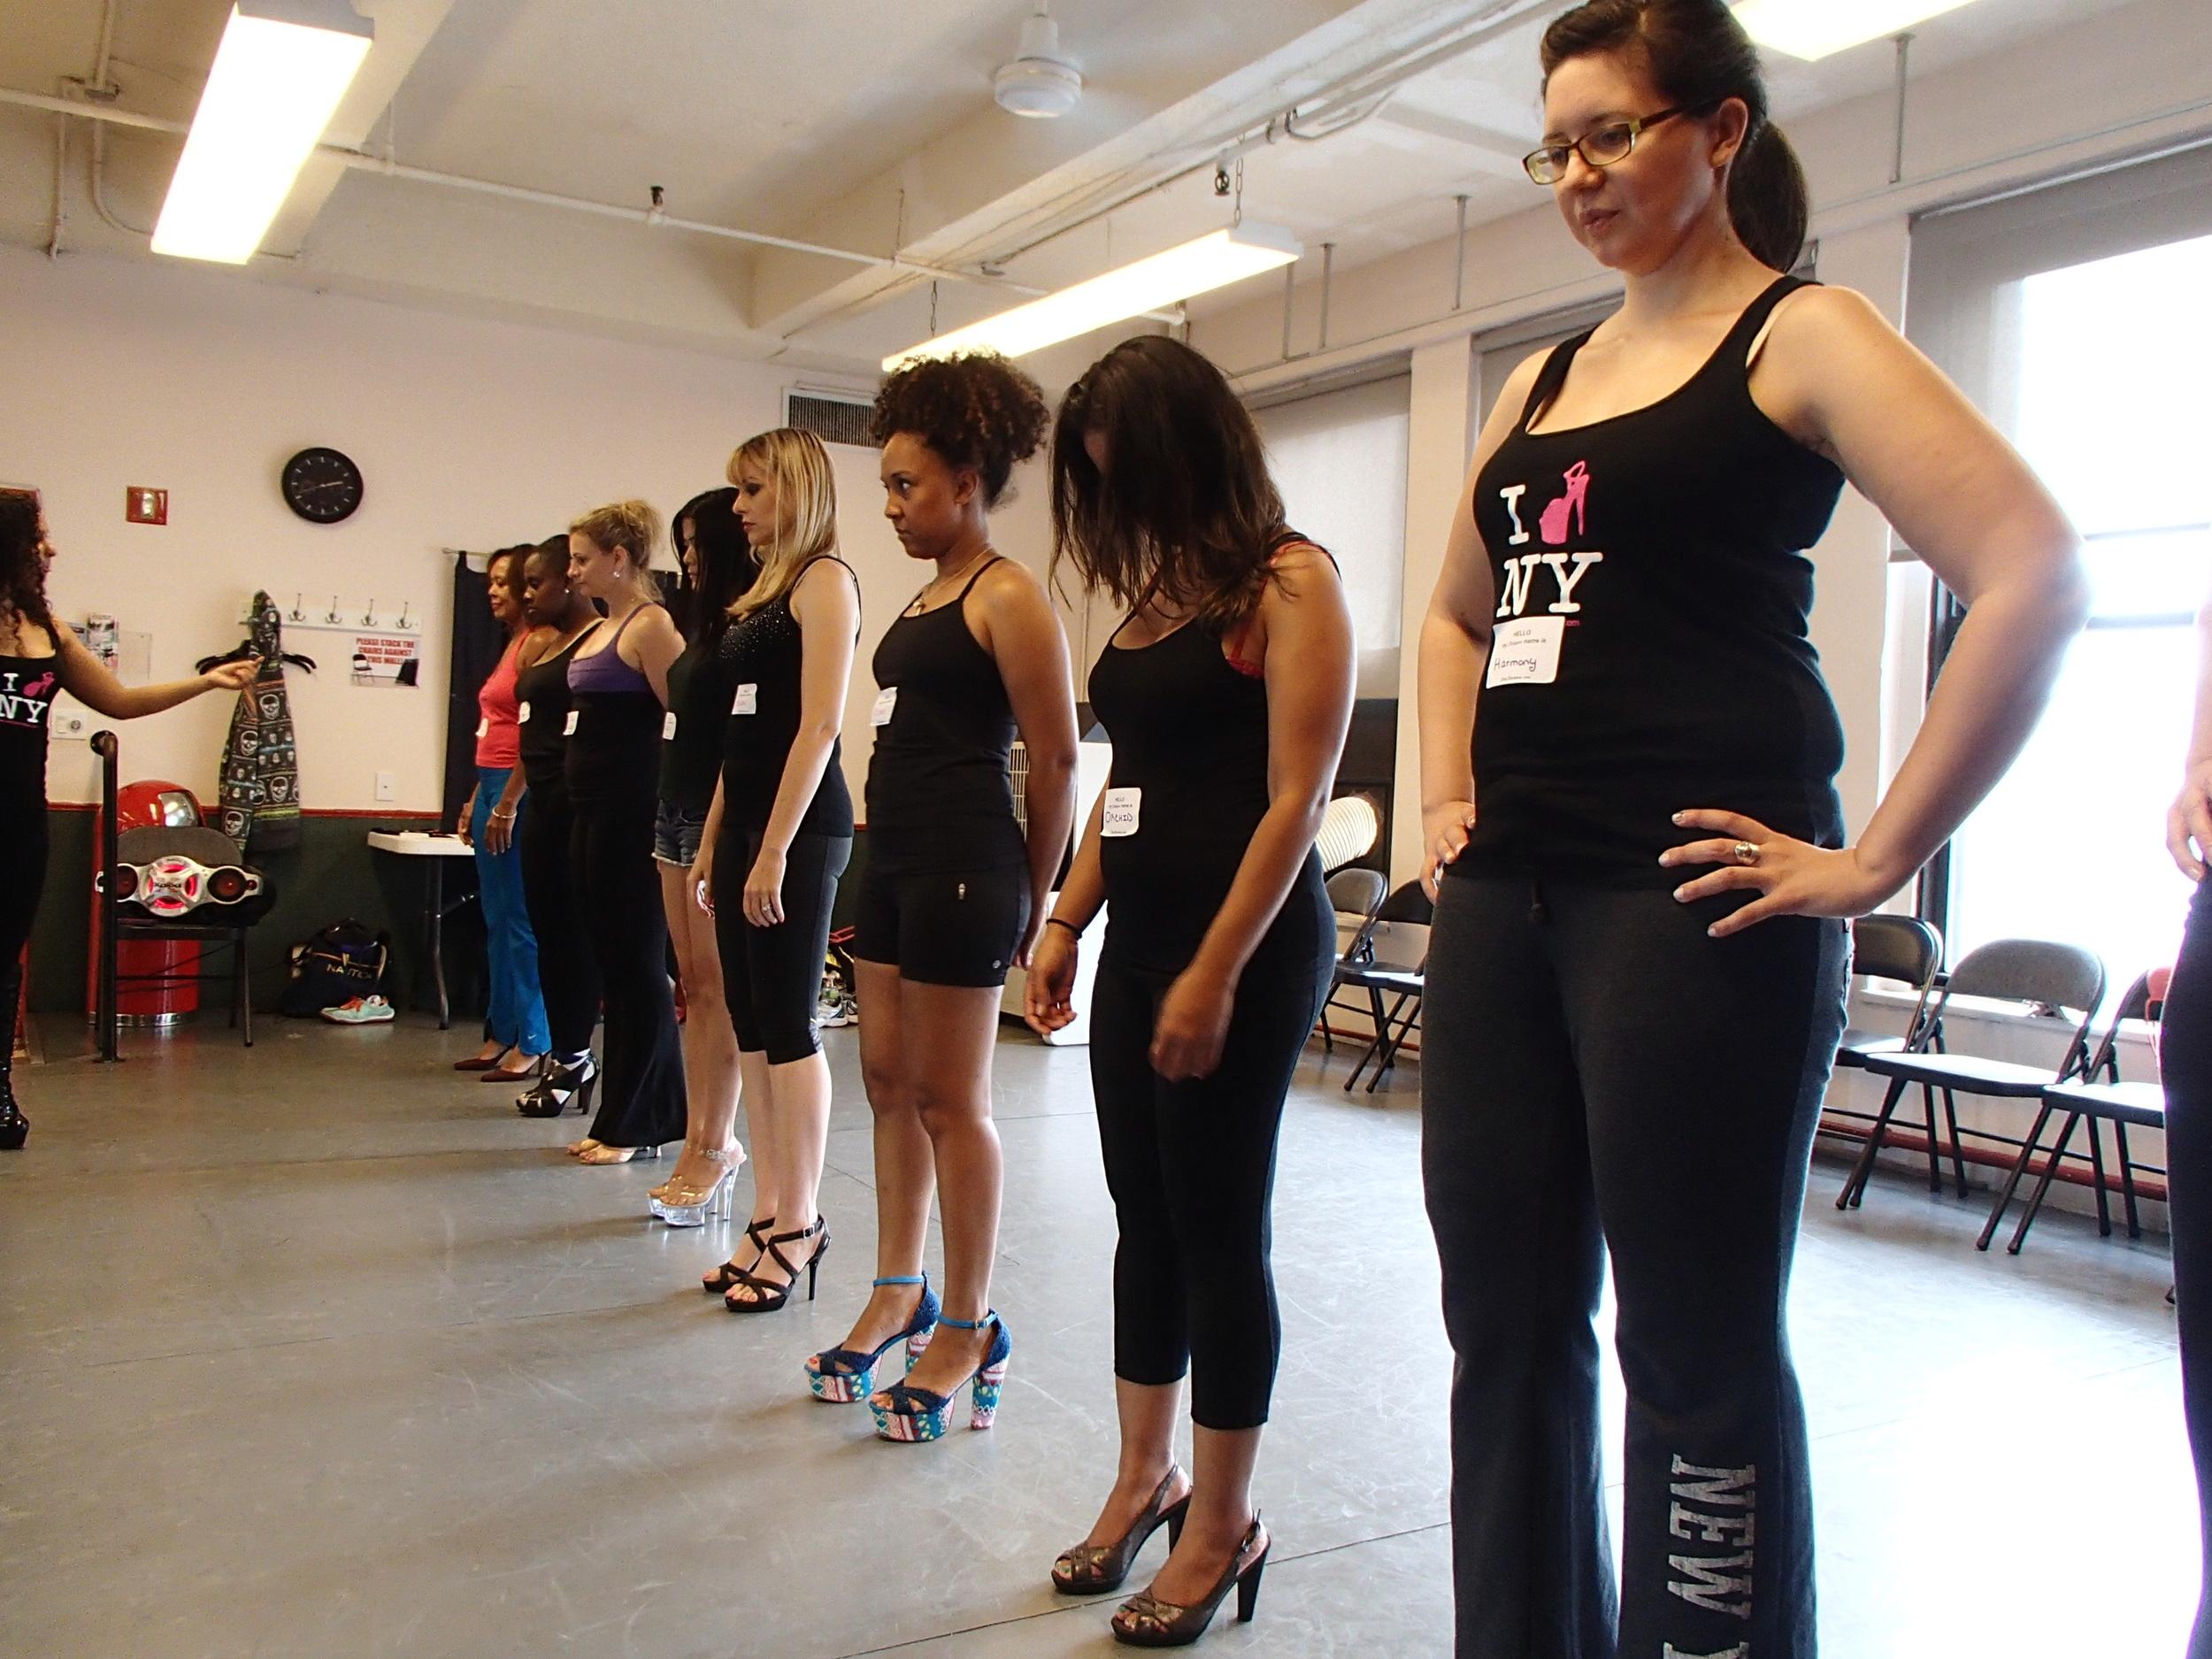 Stripper Walk Class Practice. how to walk in high heels